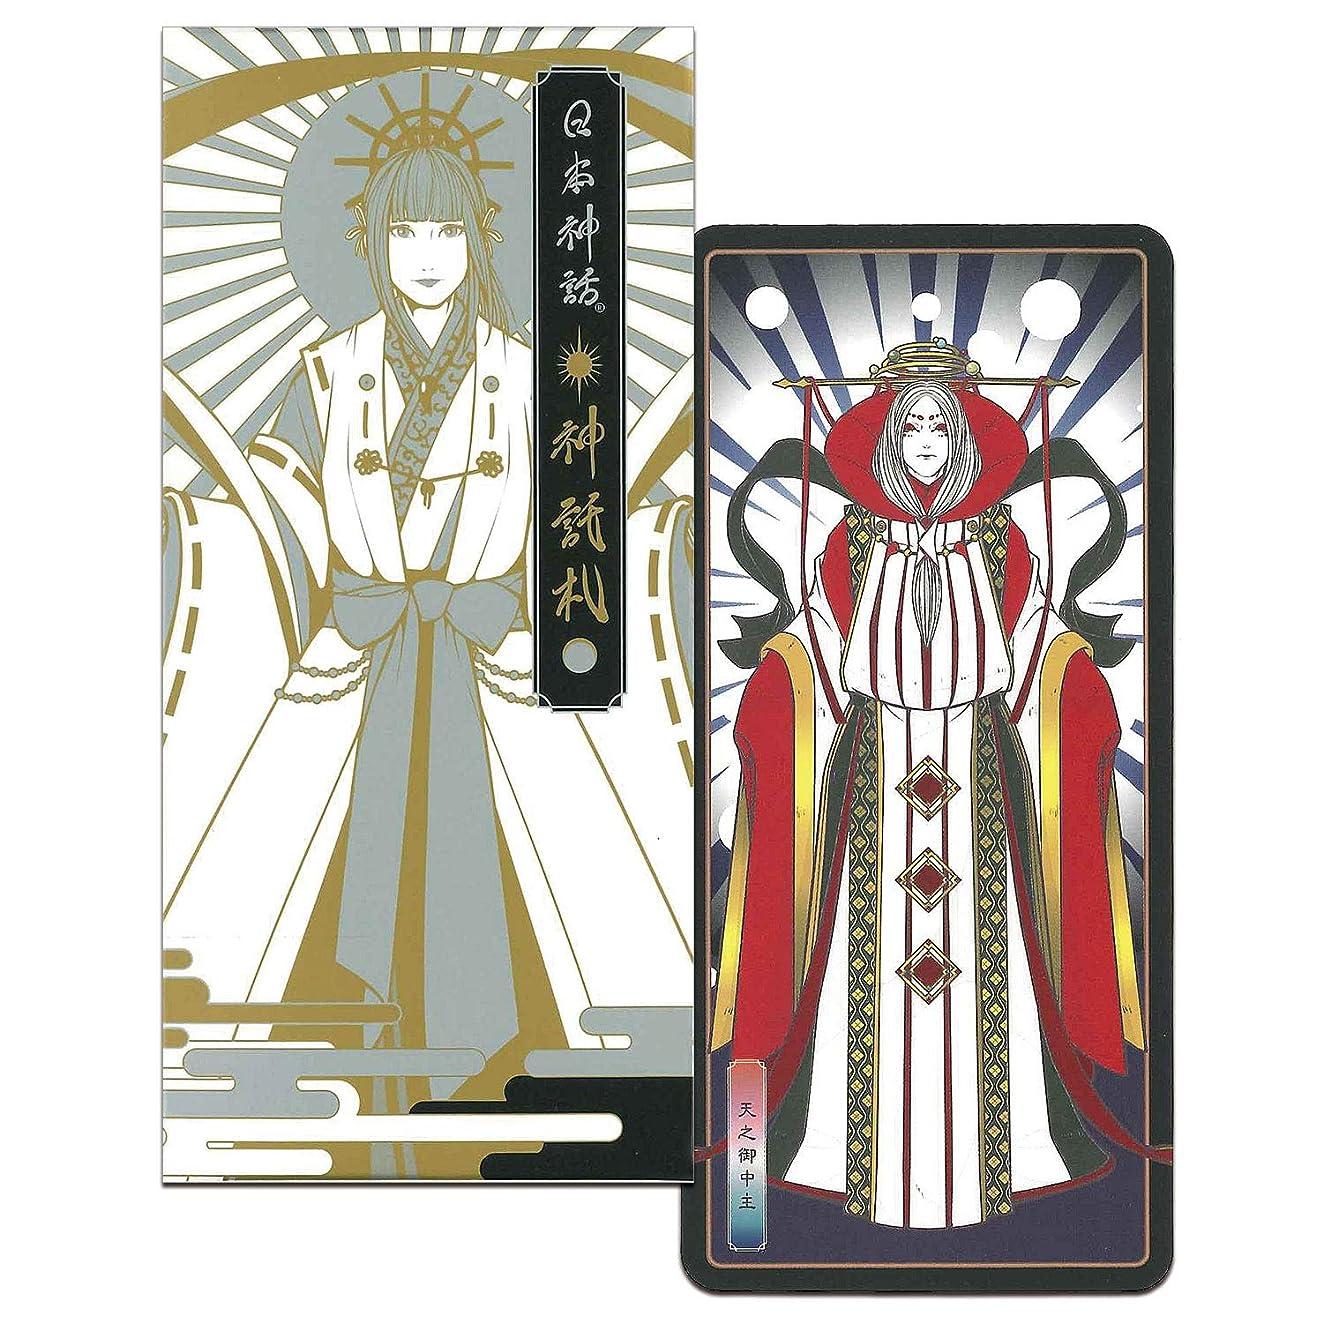 衝動免除ダイアクリティカル日本神話 神託札(オラクルカード)